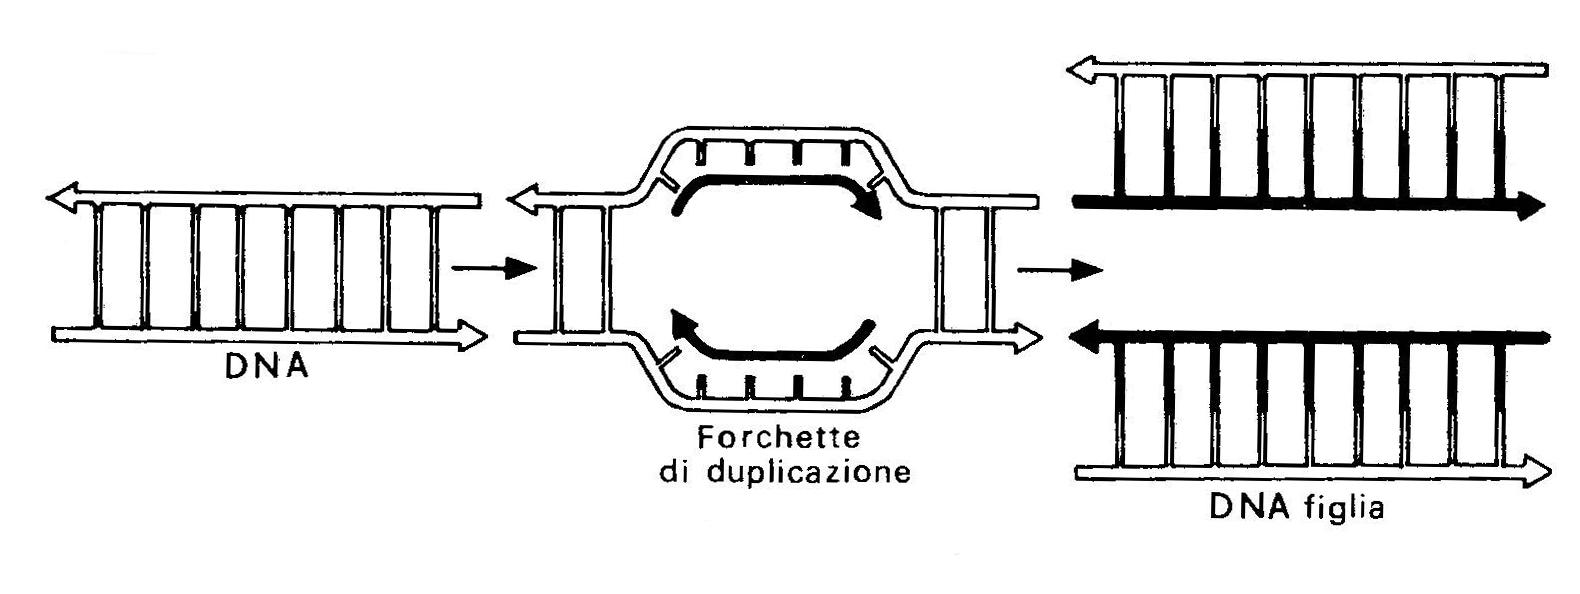 Duplicazione%20genetica.2.jpg